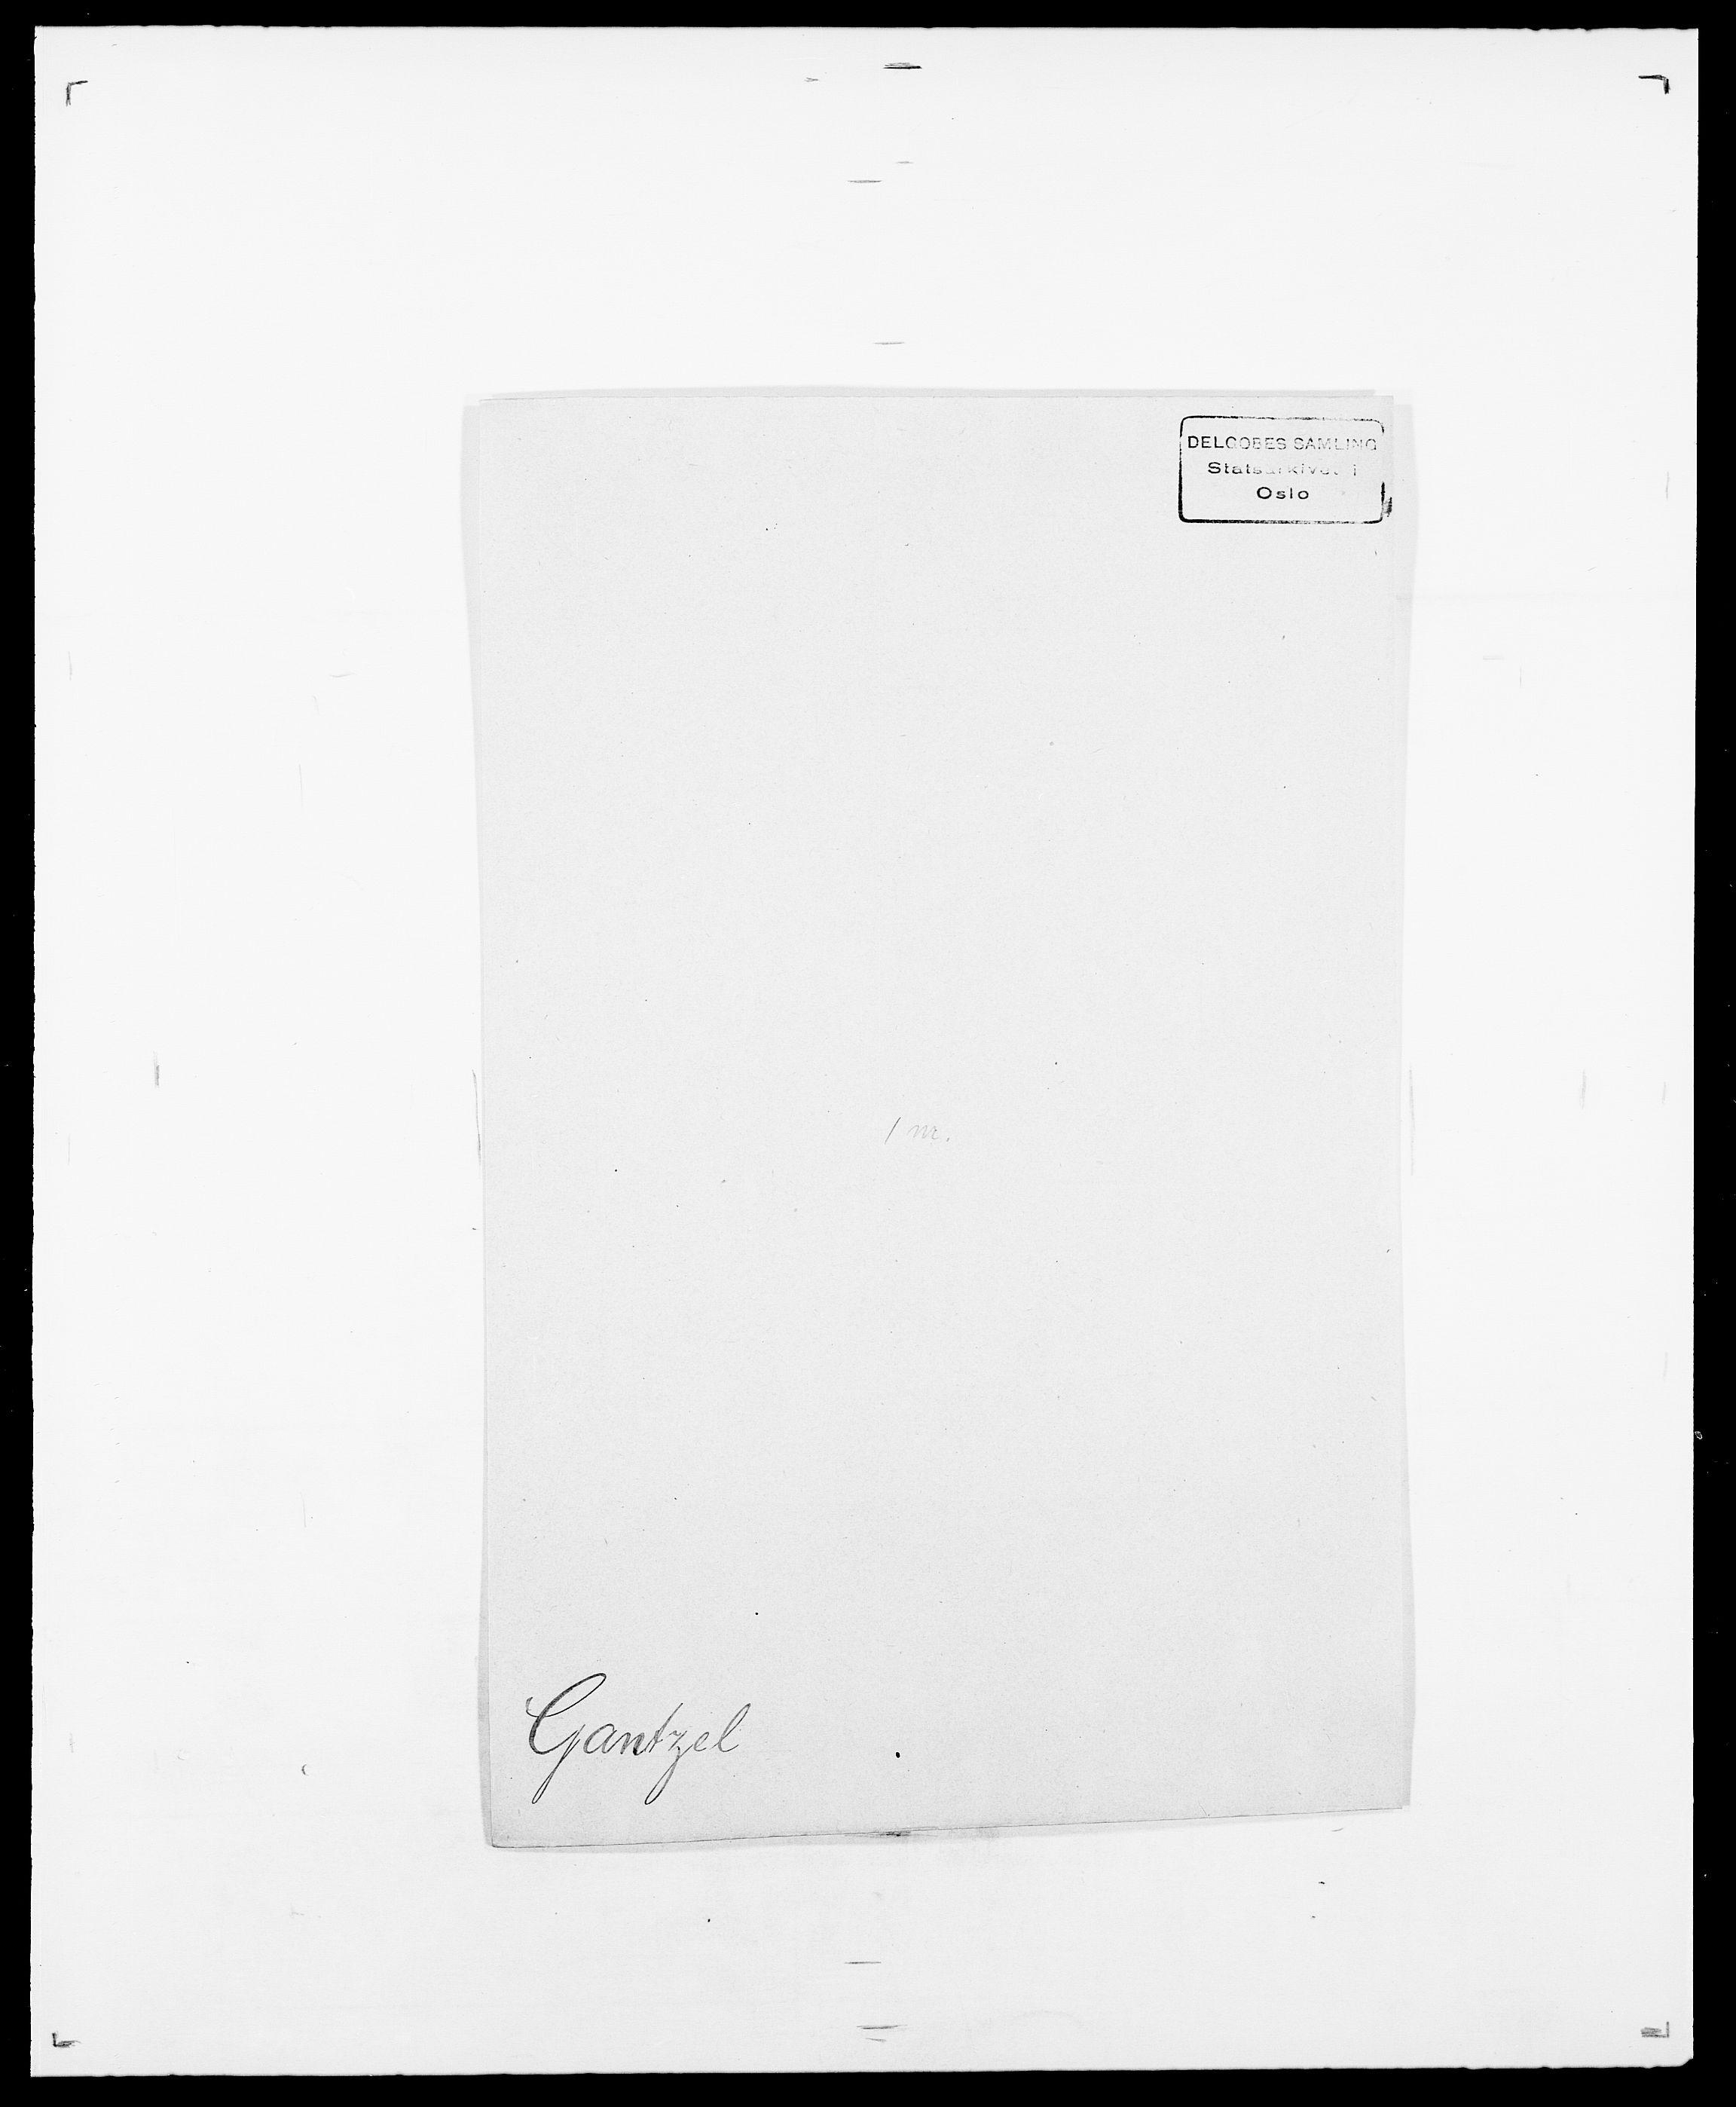 SAO, Delgobe, Charles Antoine - samling, D/Da/L0013: Forbos - Geving, s. 490